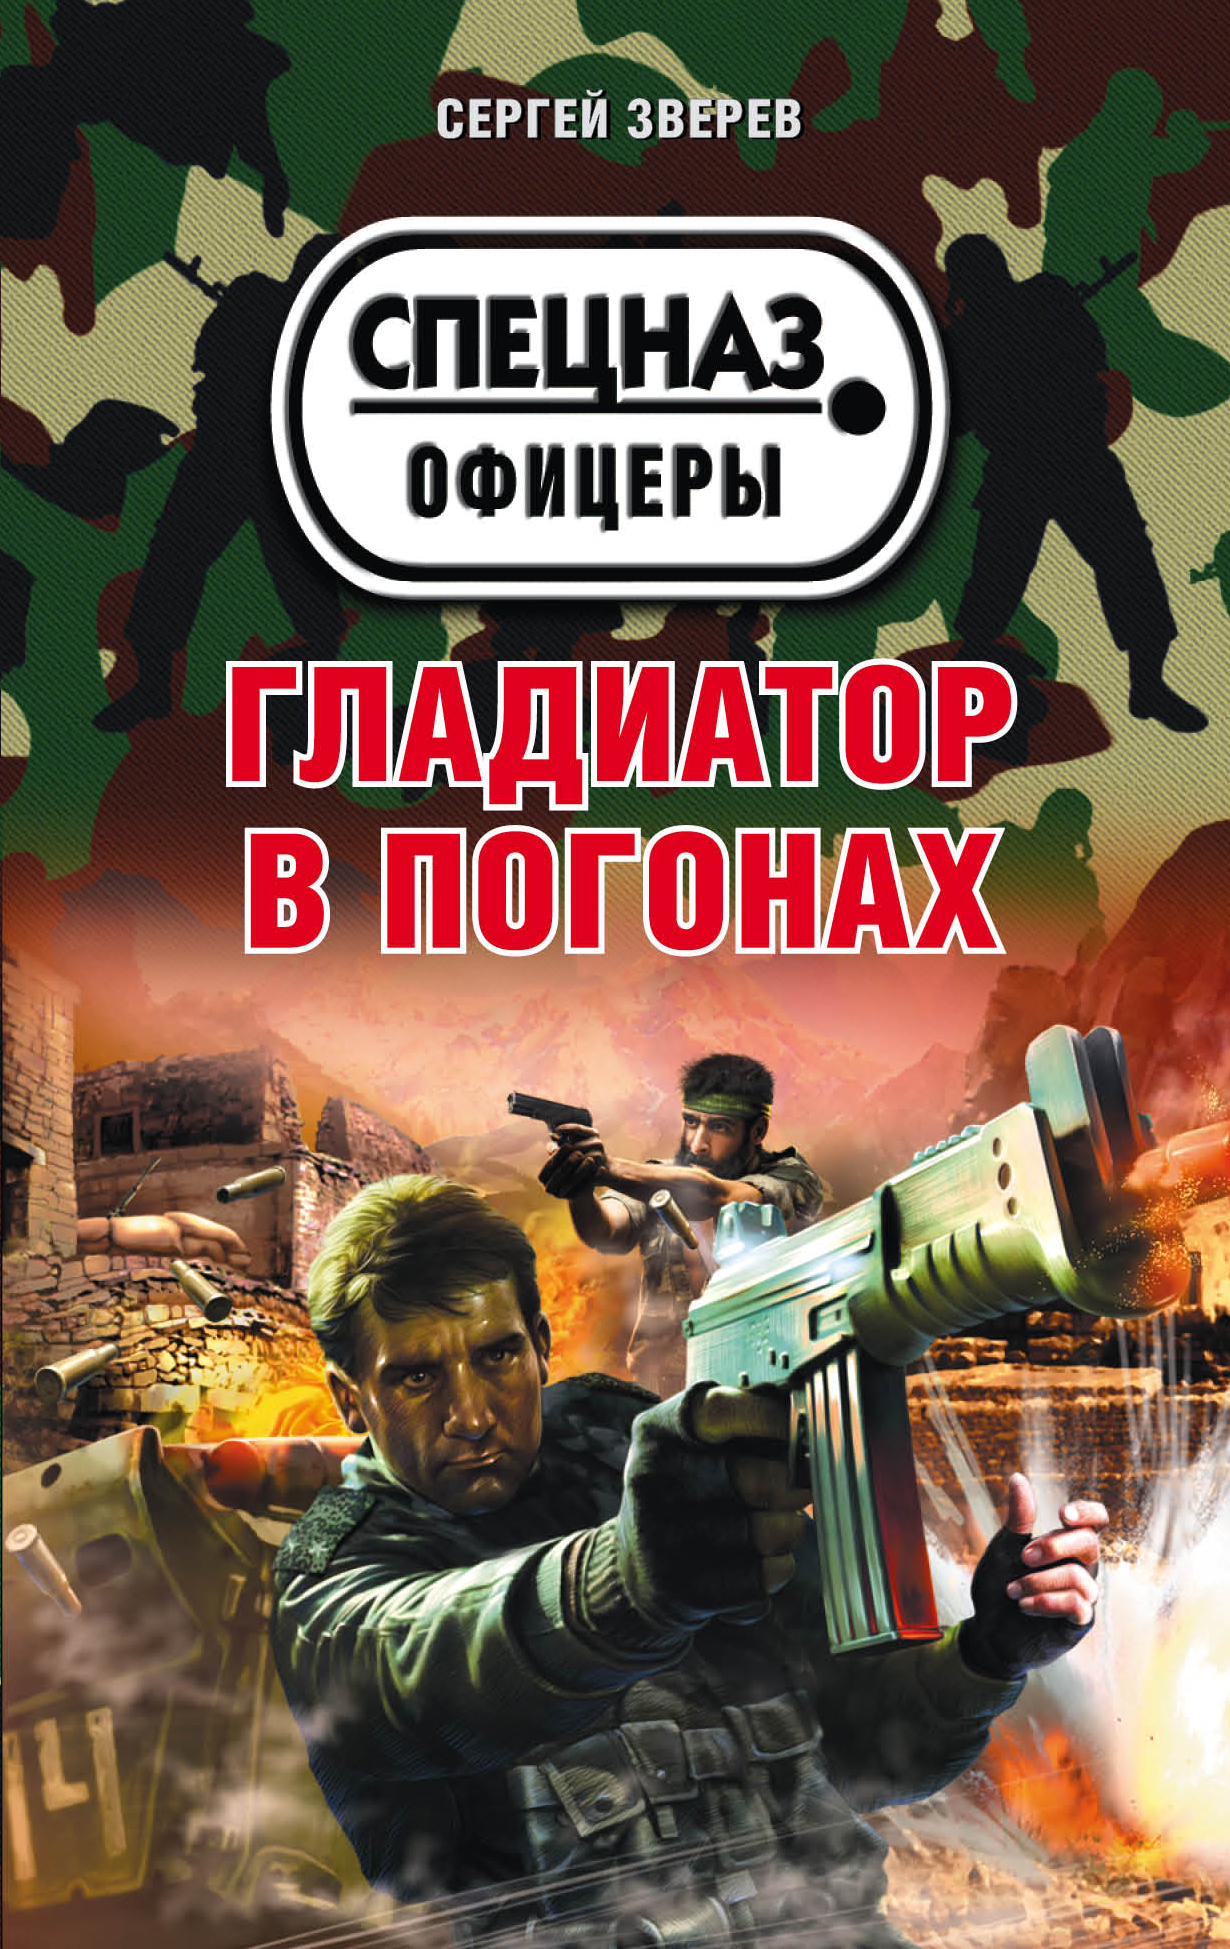 Зверев Сергей Иванович Гладиатор в погонах зверев с гладиатор в погонах